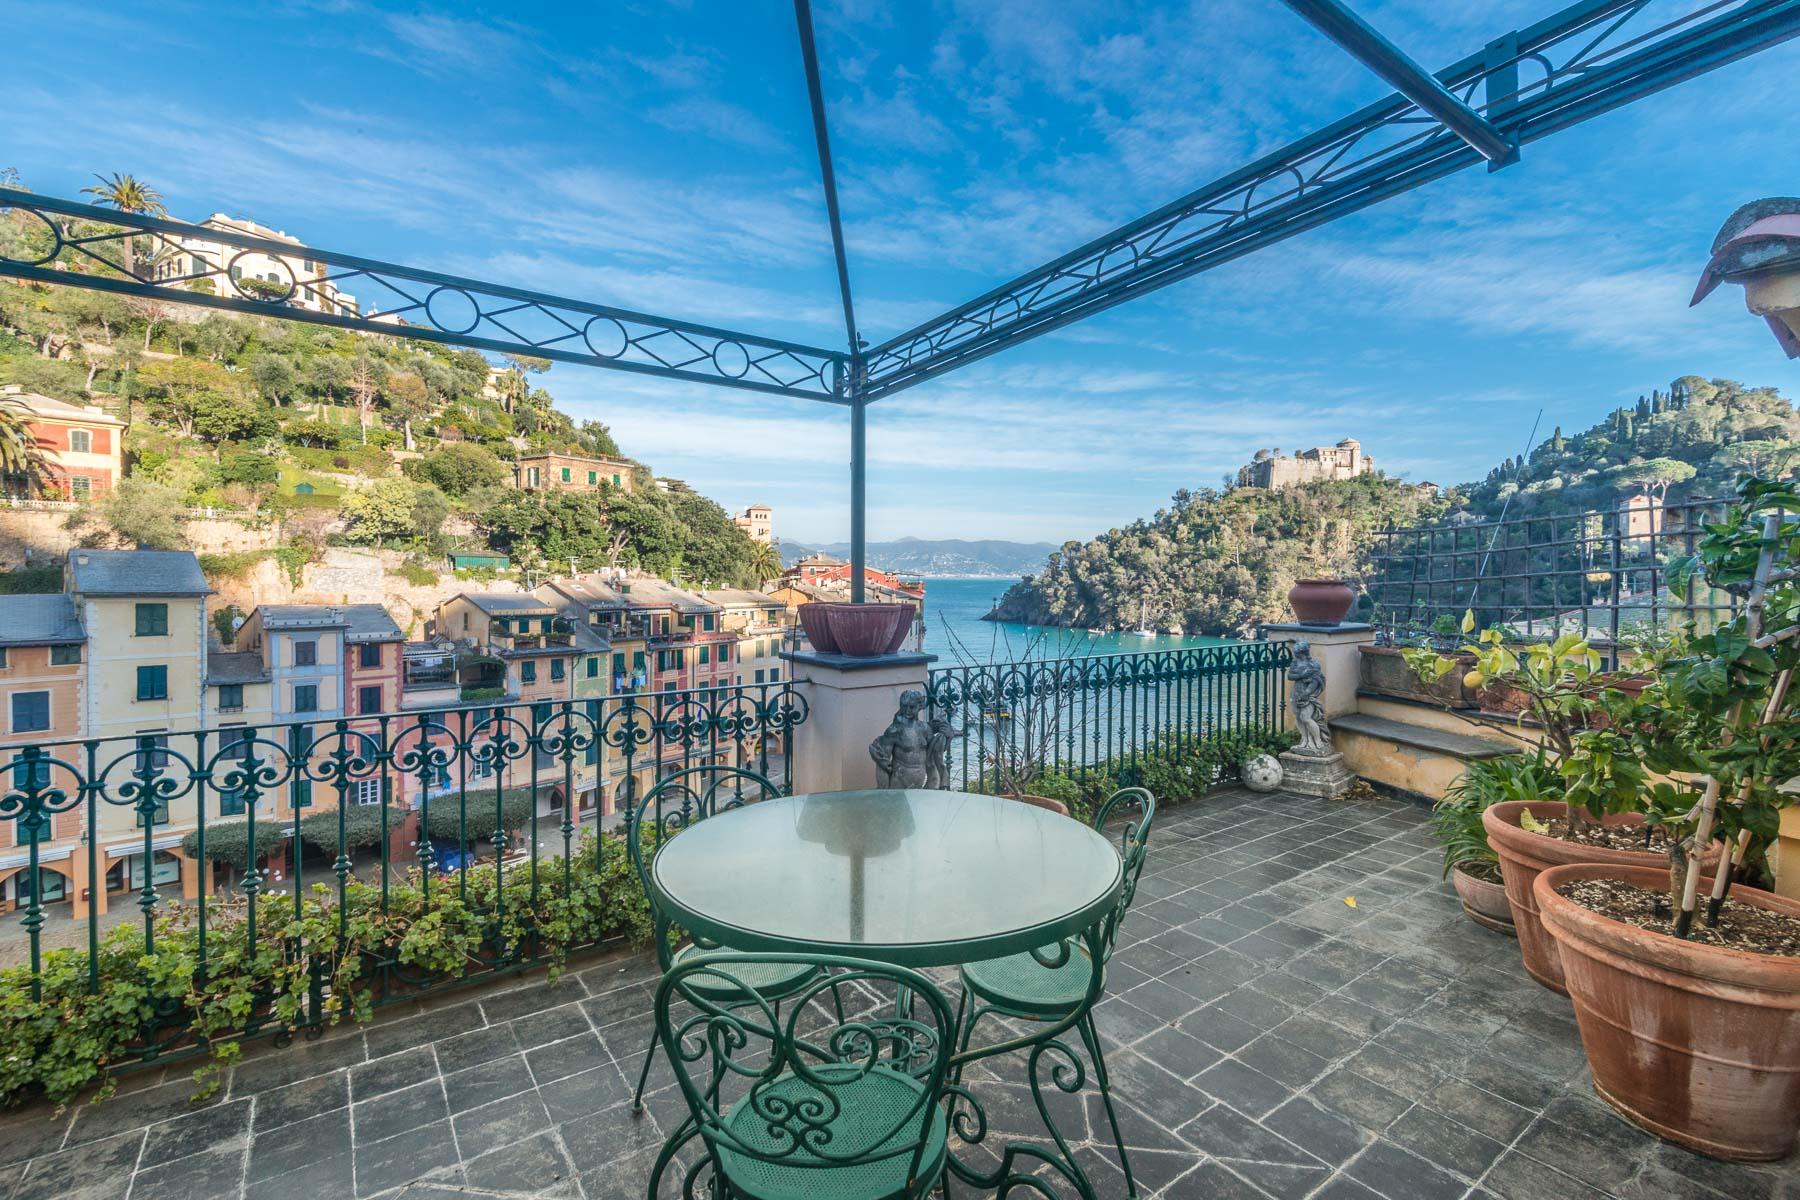 Attico in Vendita a Portofino: 5 locali, 173 mq - Foto 13